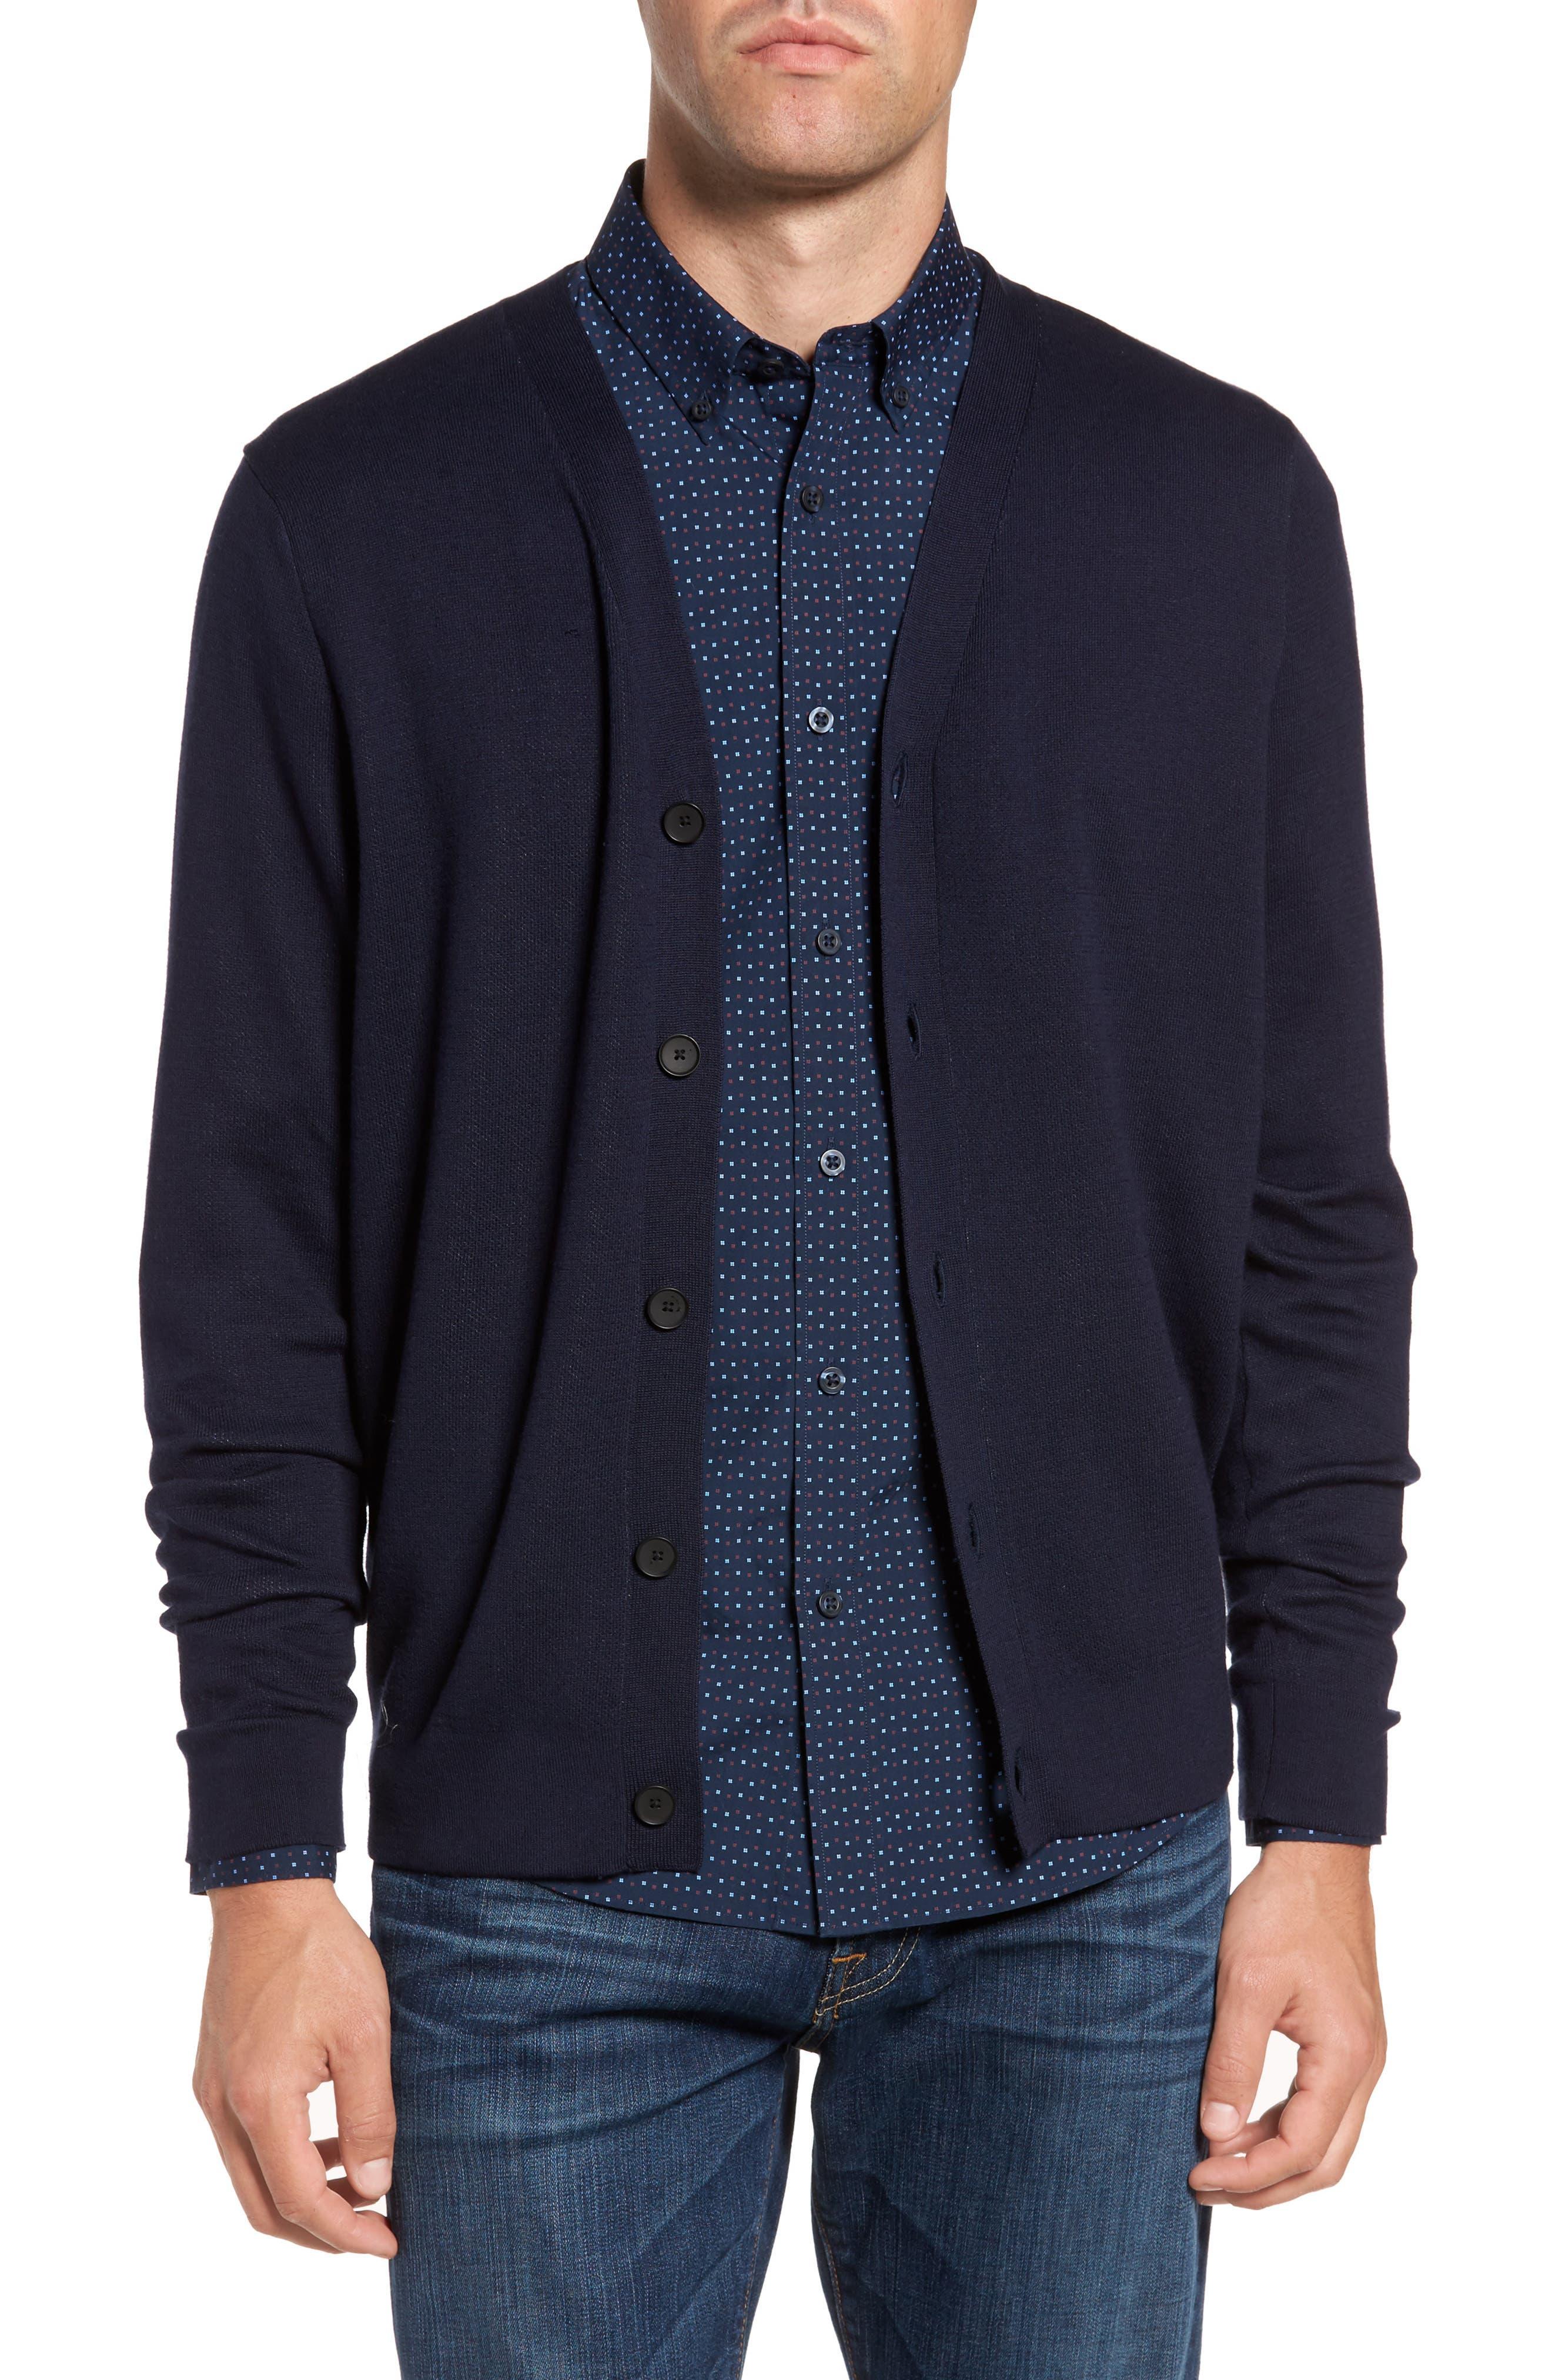 Alternate Image 1 Selected - Nordstrom Men's Shop Pima Cotton Blend Cardigan